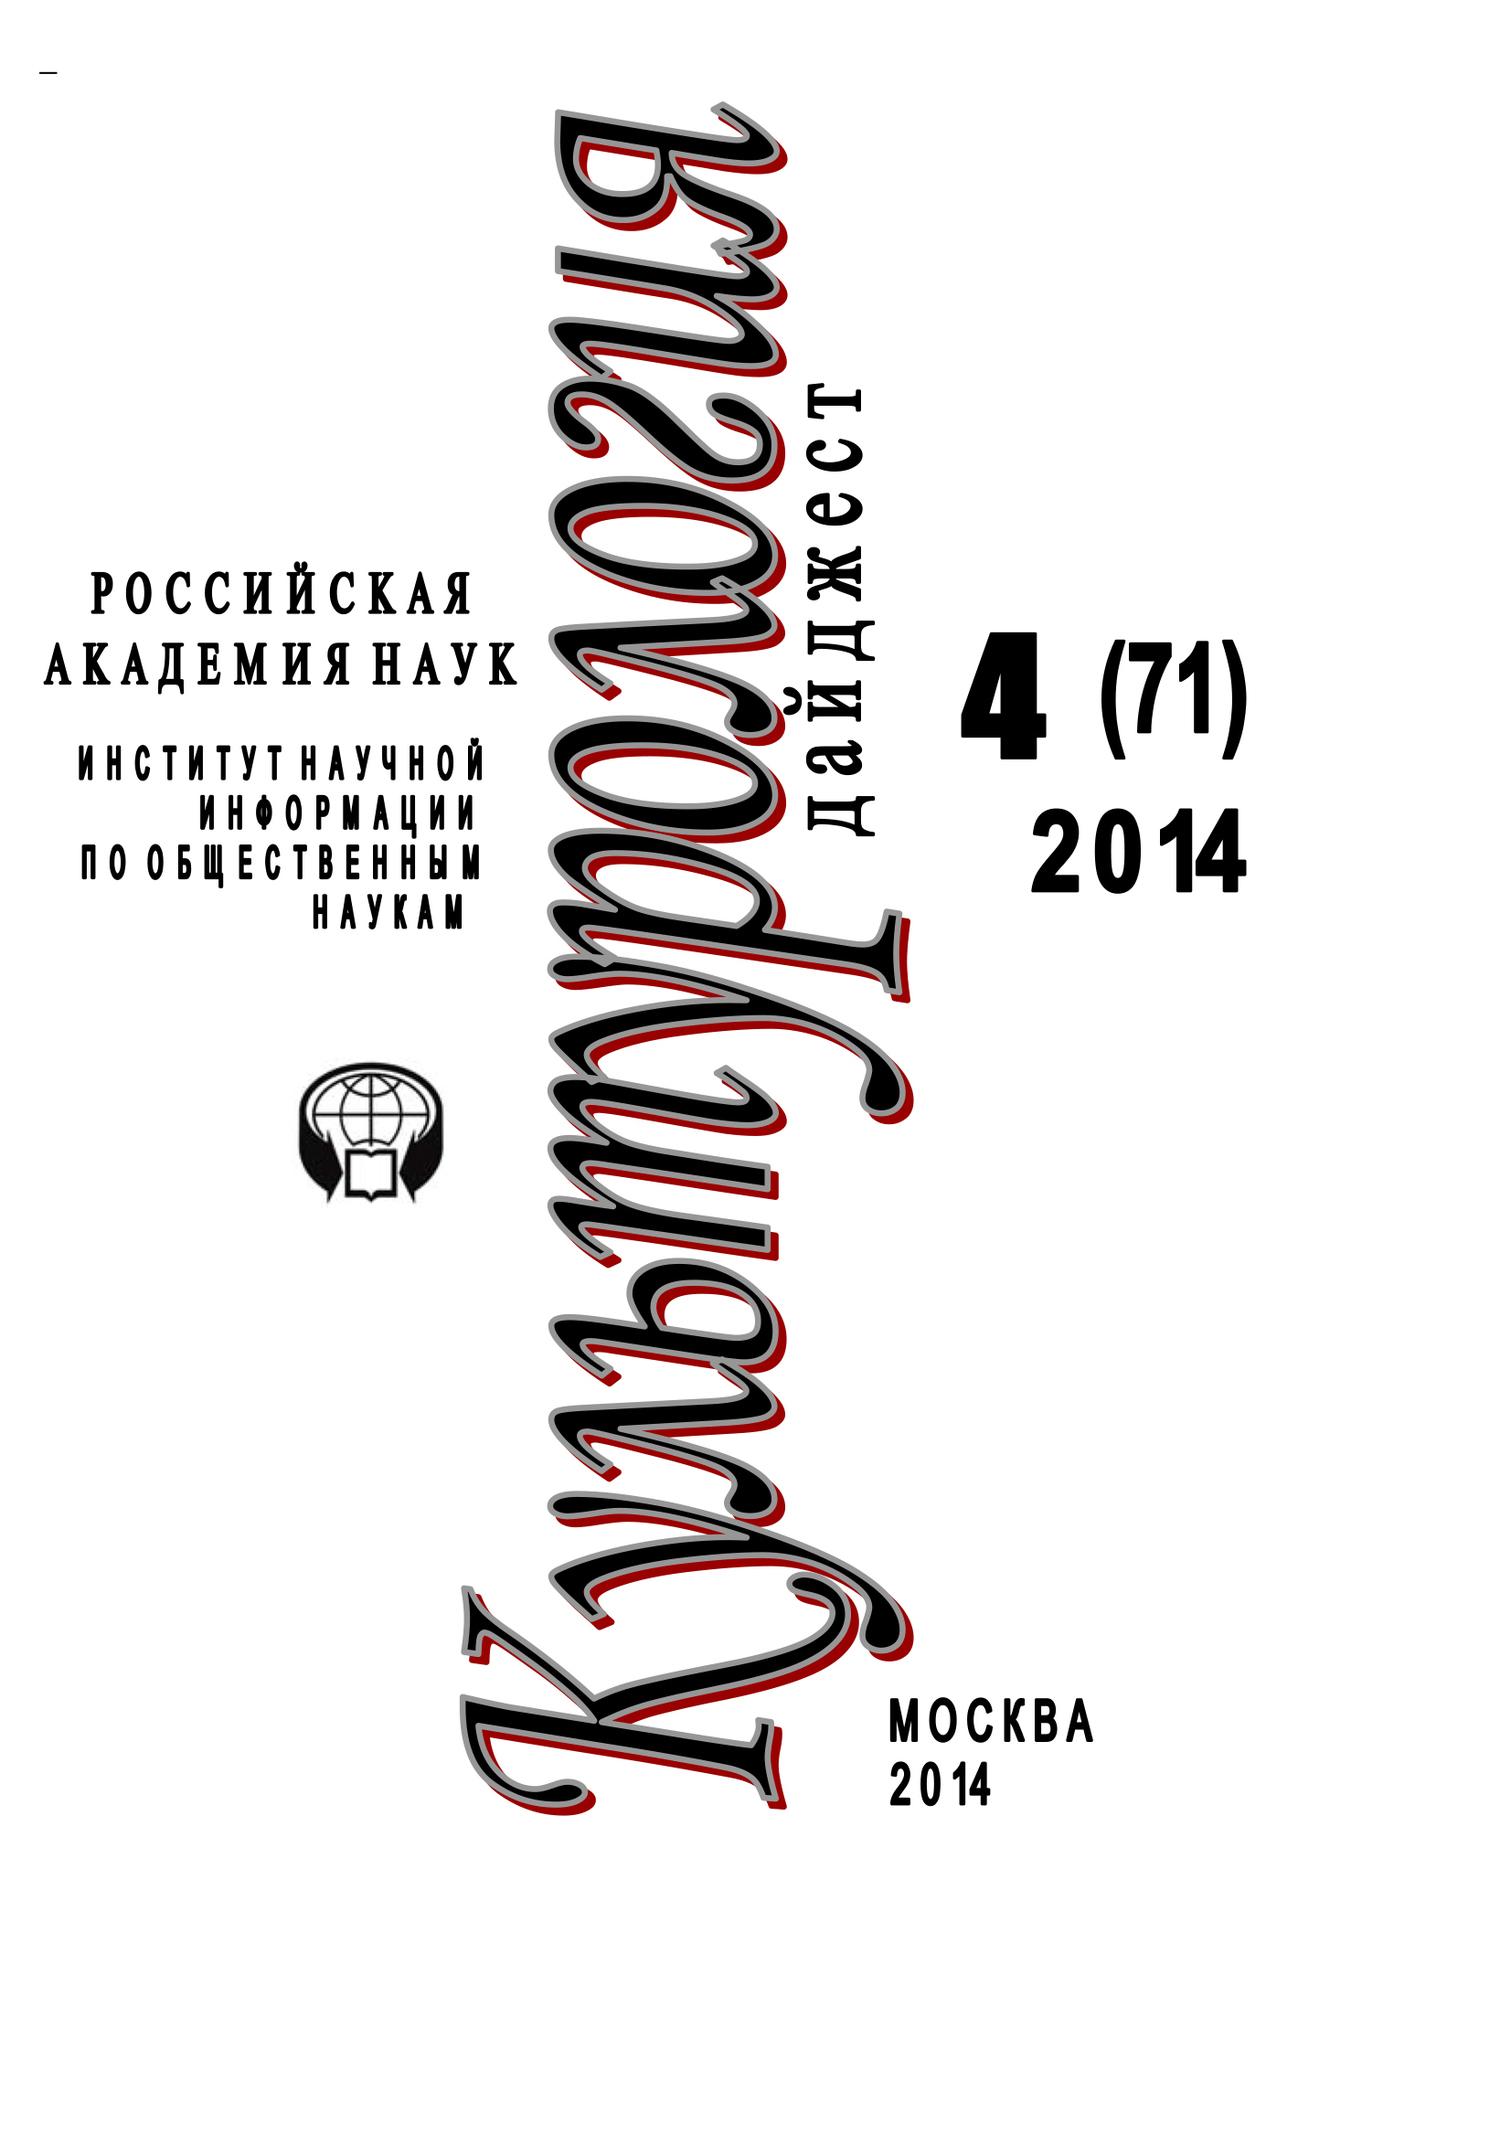 Ирина Галинская - Культурология. Дайджест №4 / 2014